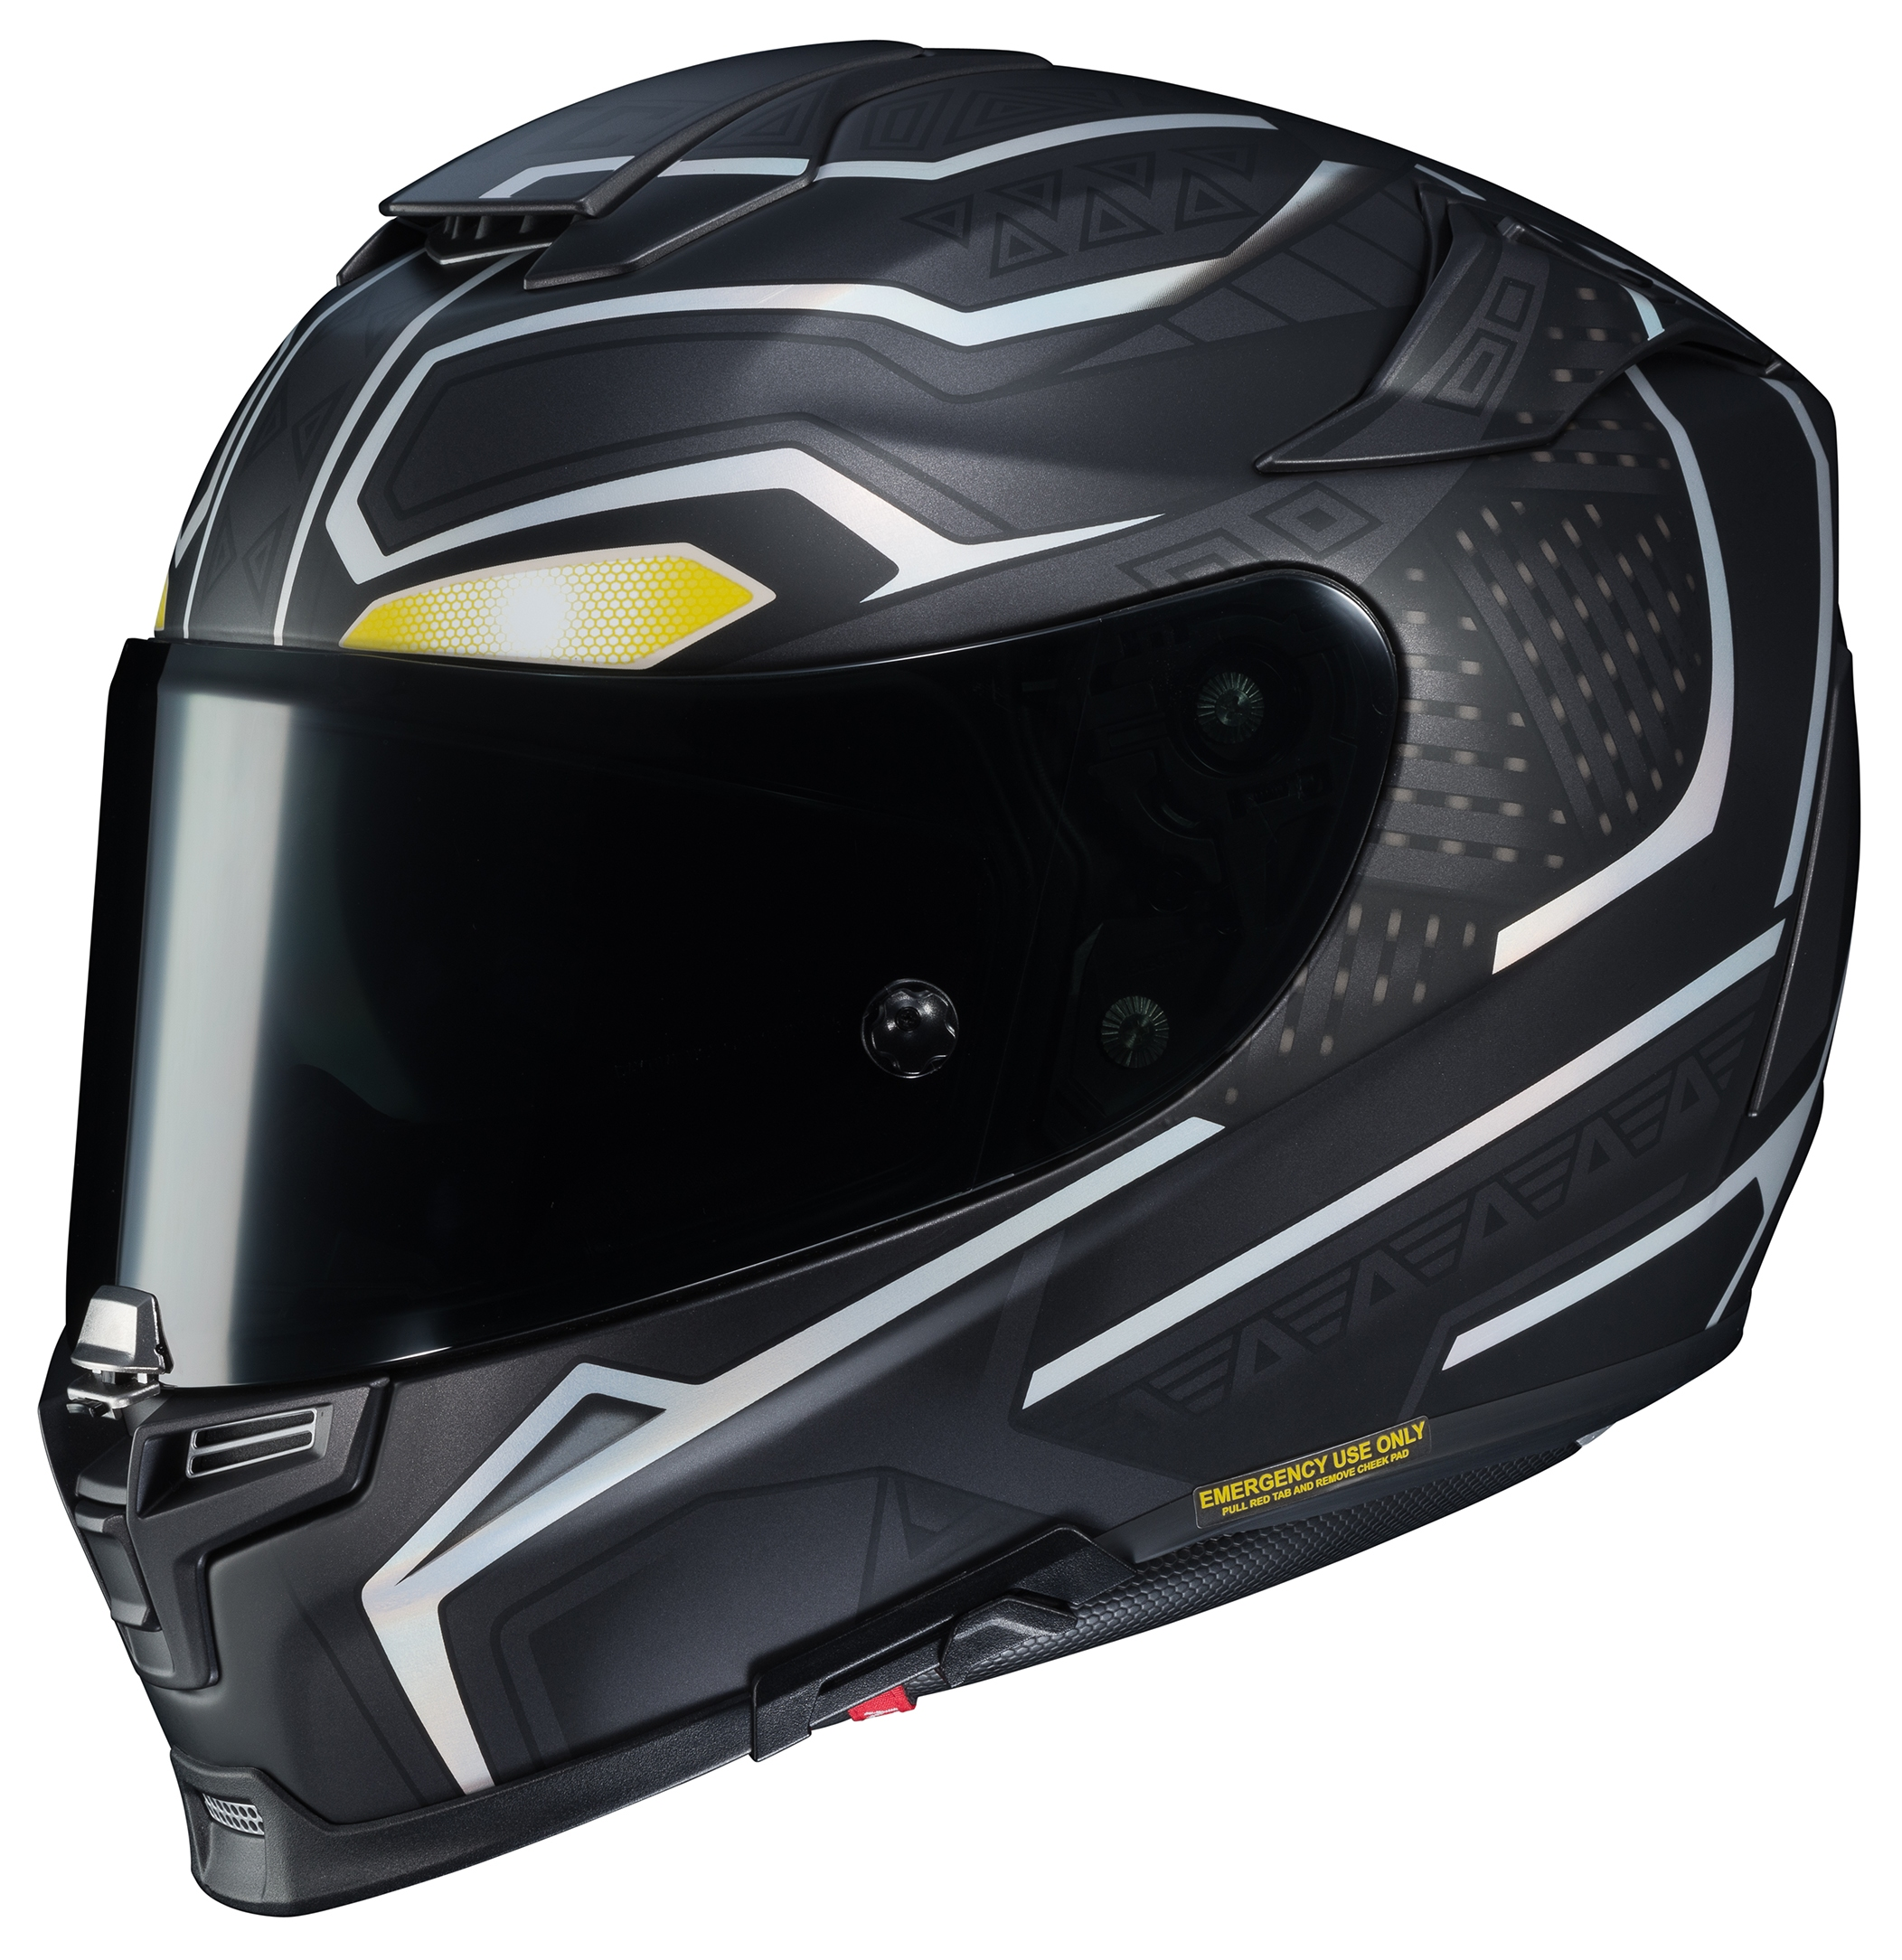 Hjc rpha 70 st black panther helmet 20 122 00 off revzilla